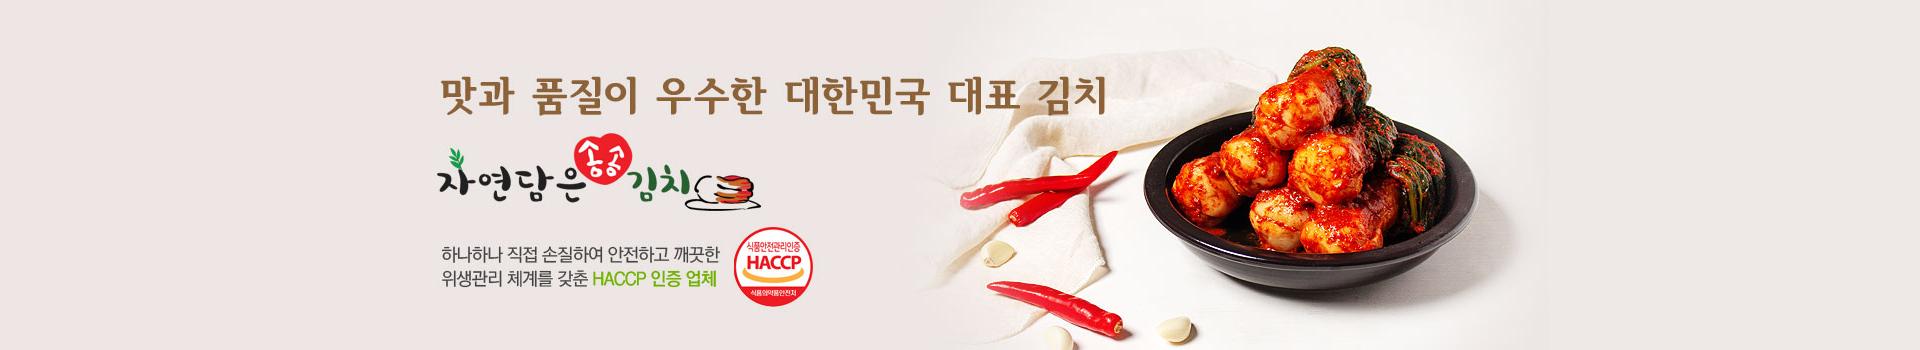 맛과 품질이 우수한 대한민국 대표김치 자연담은 송송김치 - HACCP인증